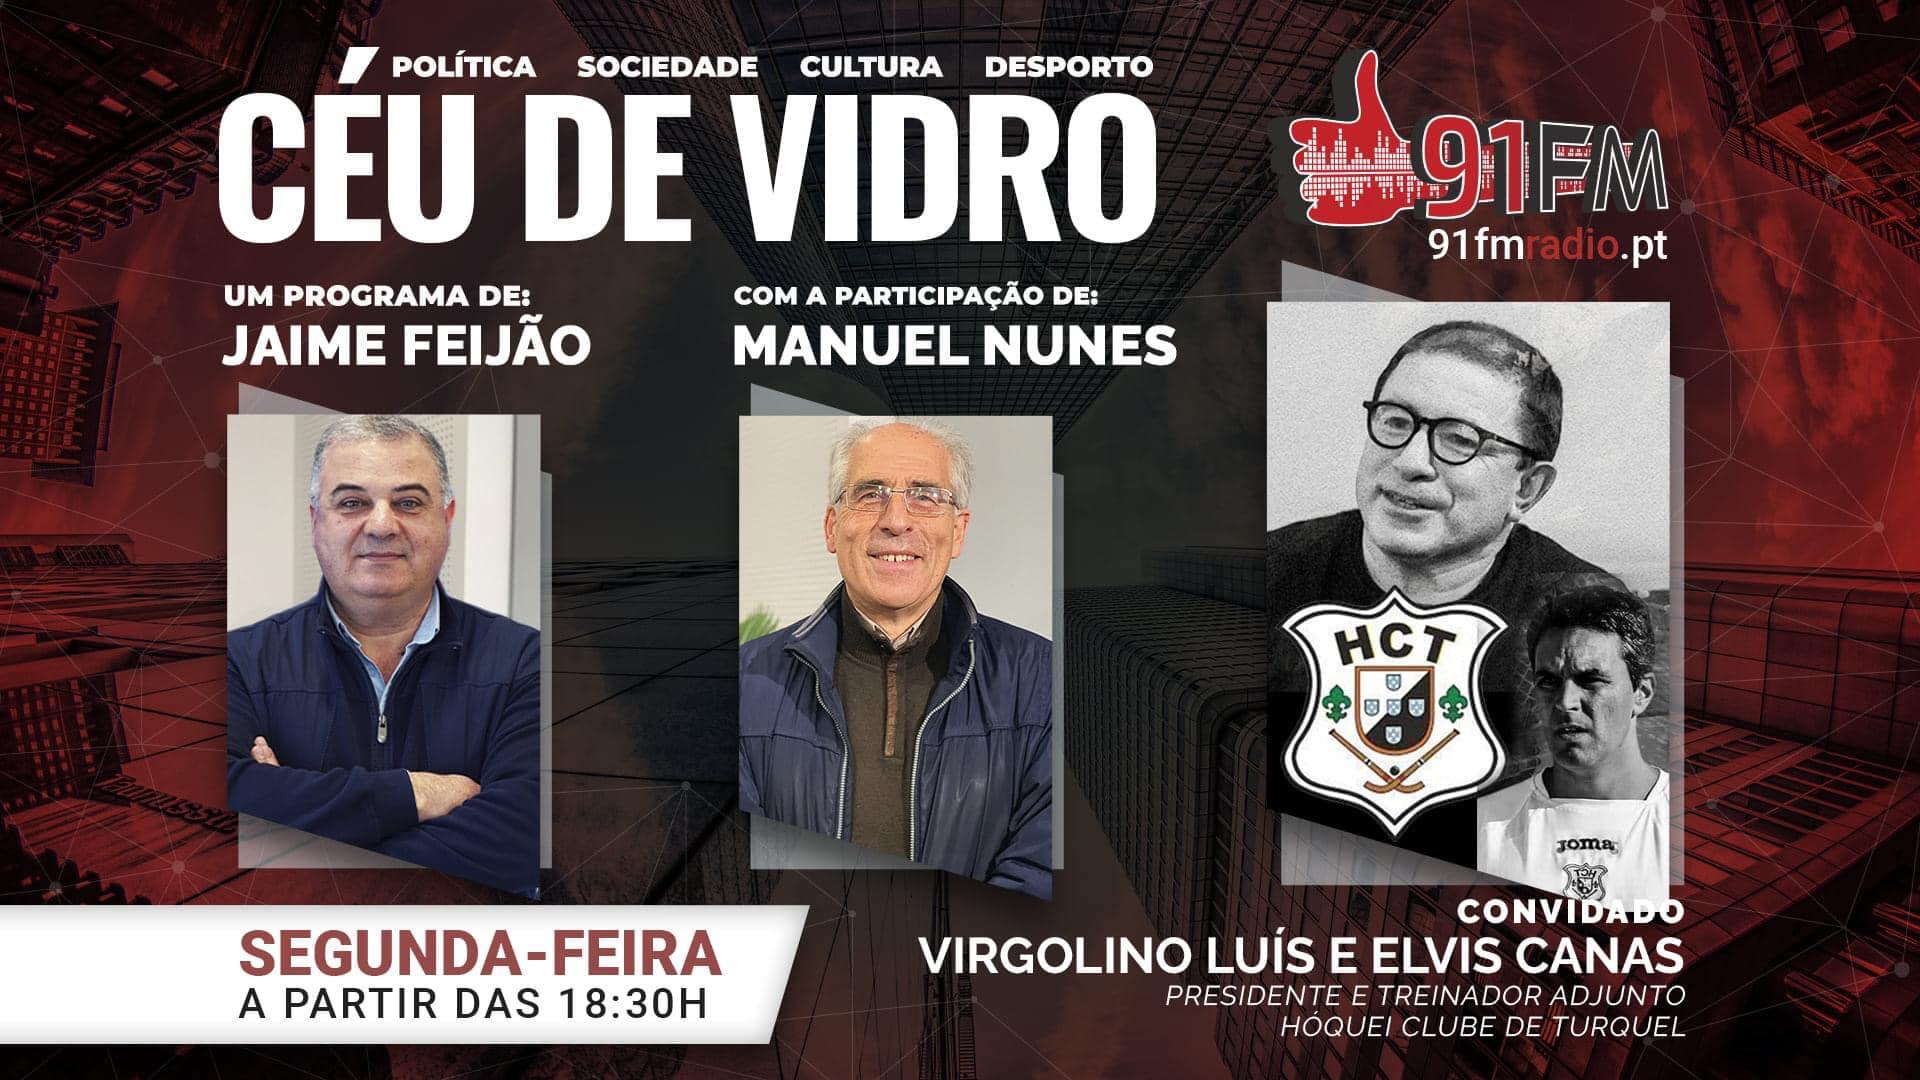 Céu de Vidro com Virgolino Luís e Elvis Canas